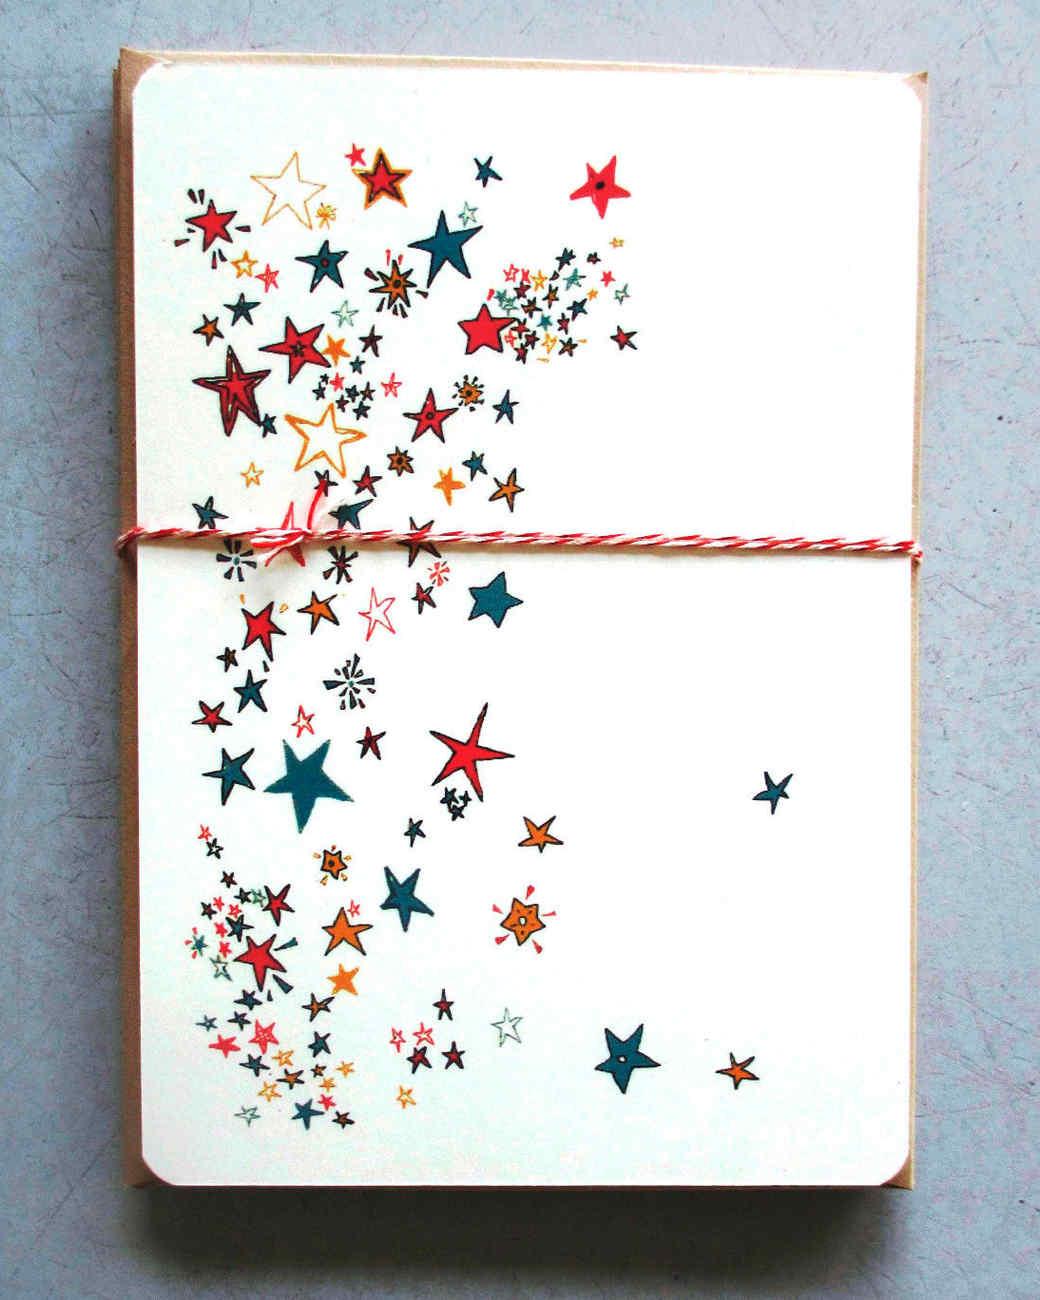 parcel-stars-notecards-0515.jpg